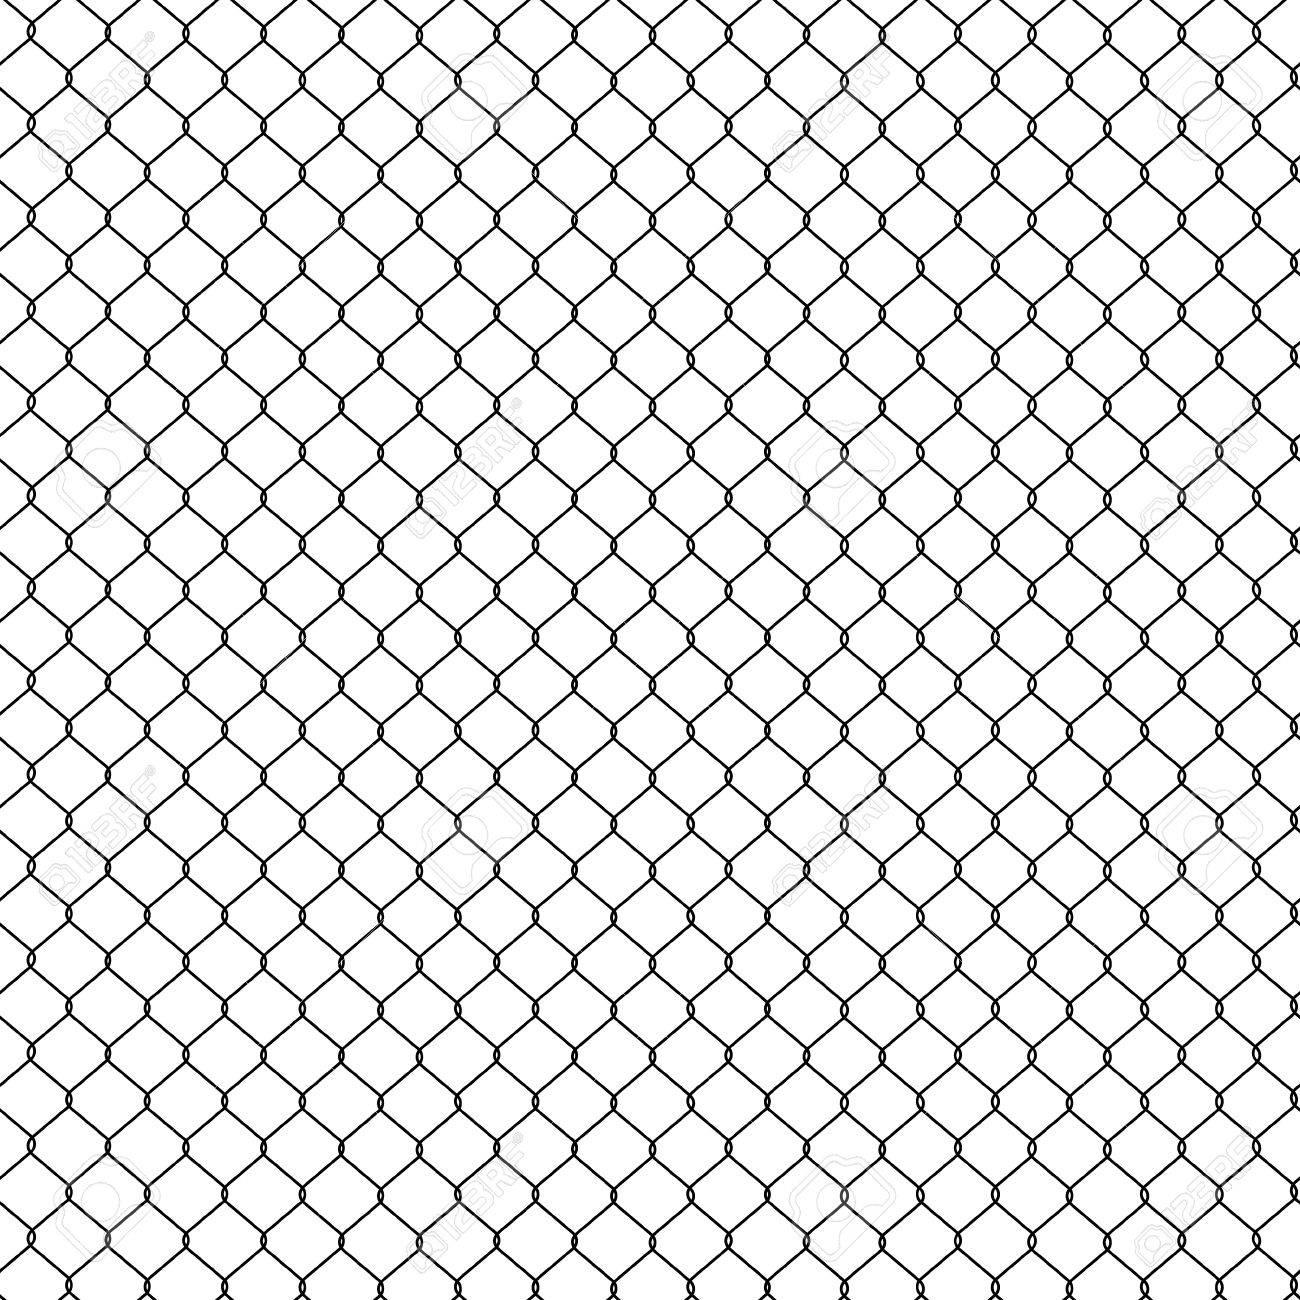 Ungewöhnlich Drahtgeflecht Muster Bilder - Die Besten Elektrischen ...